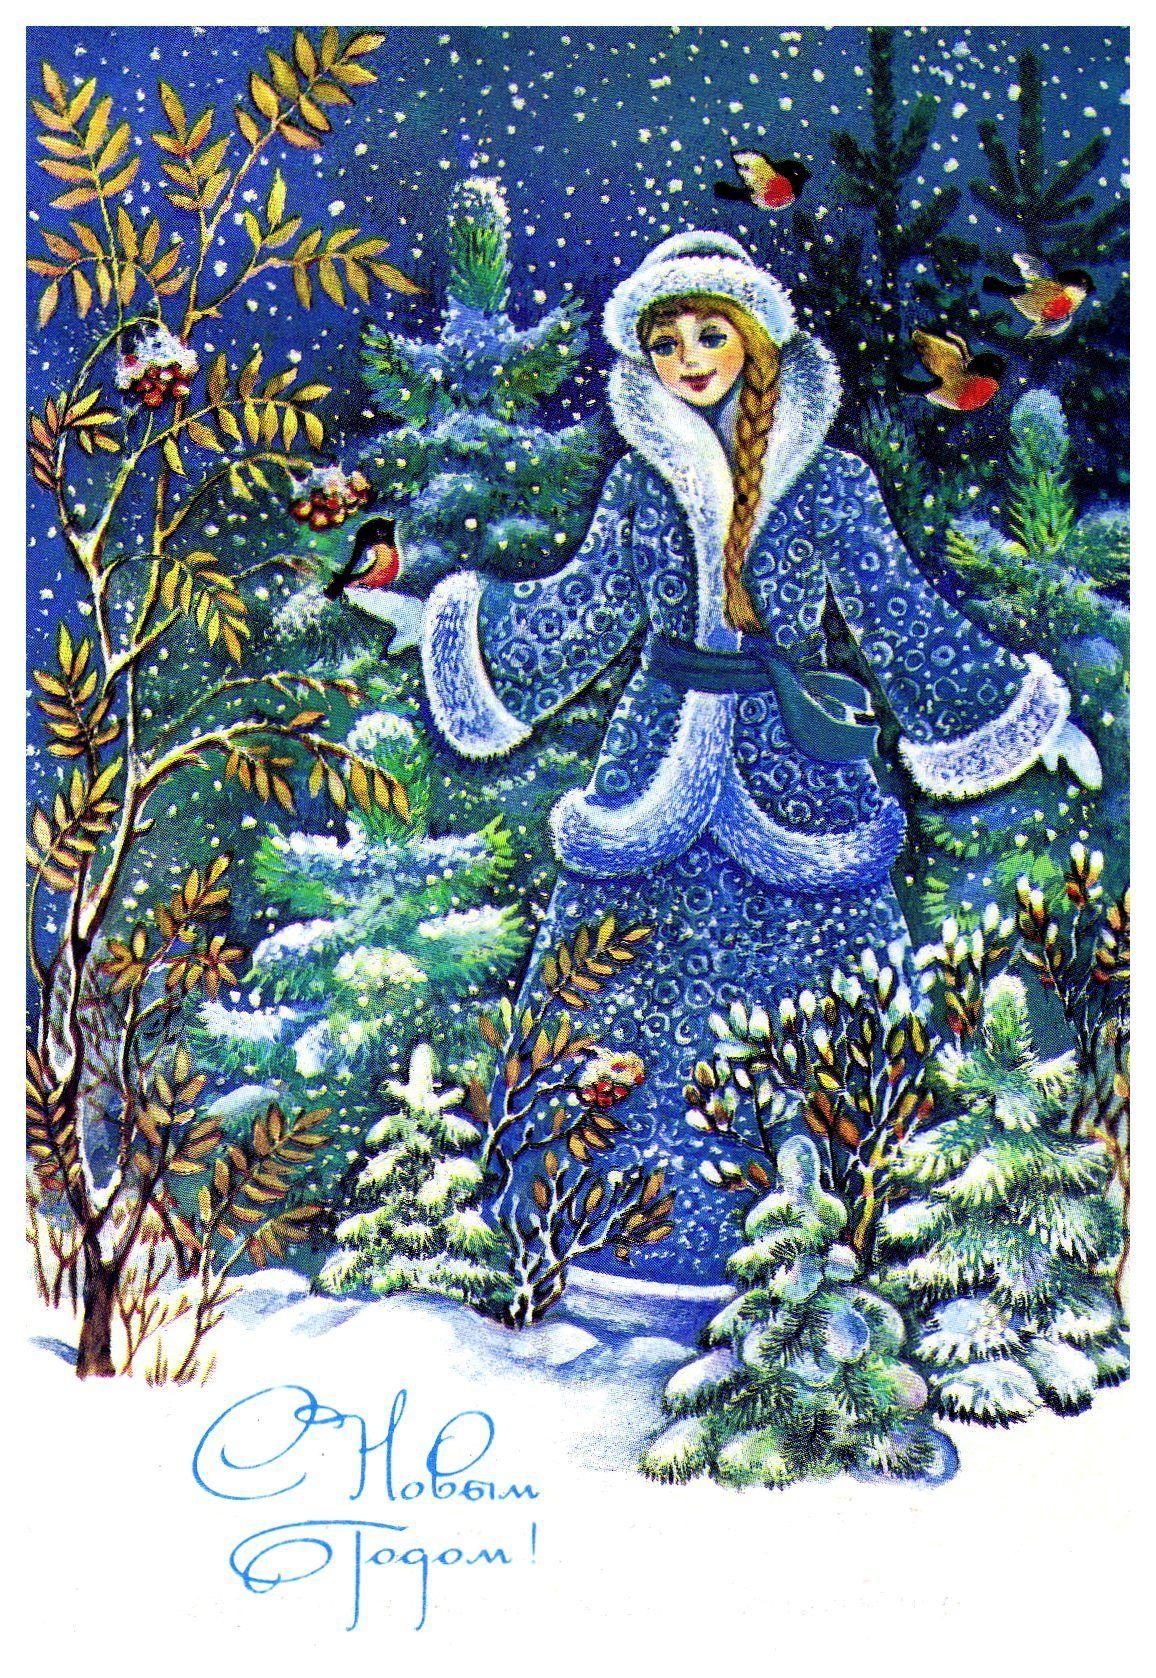 Класс новогодняя, жебелева открытка